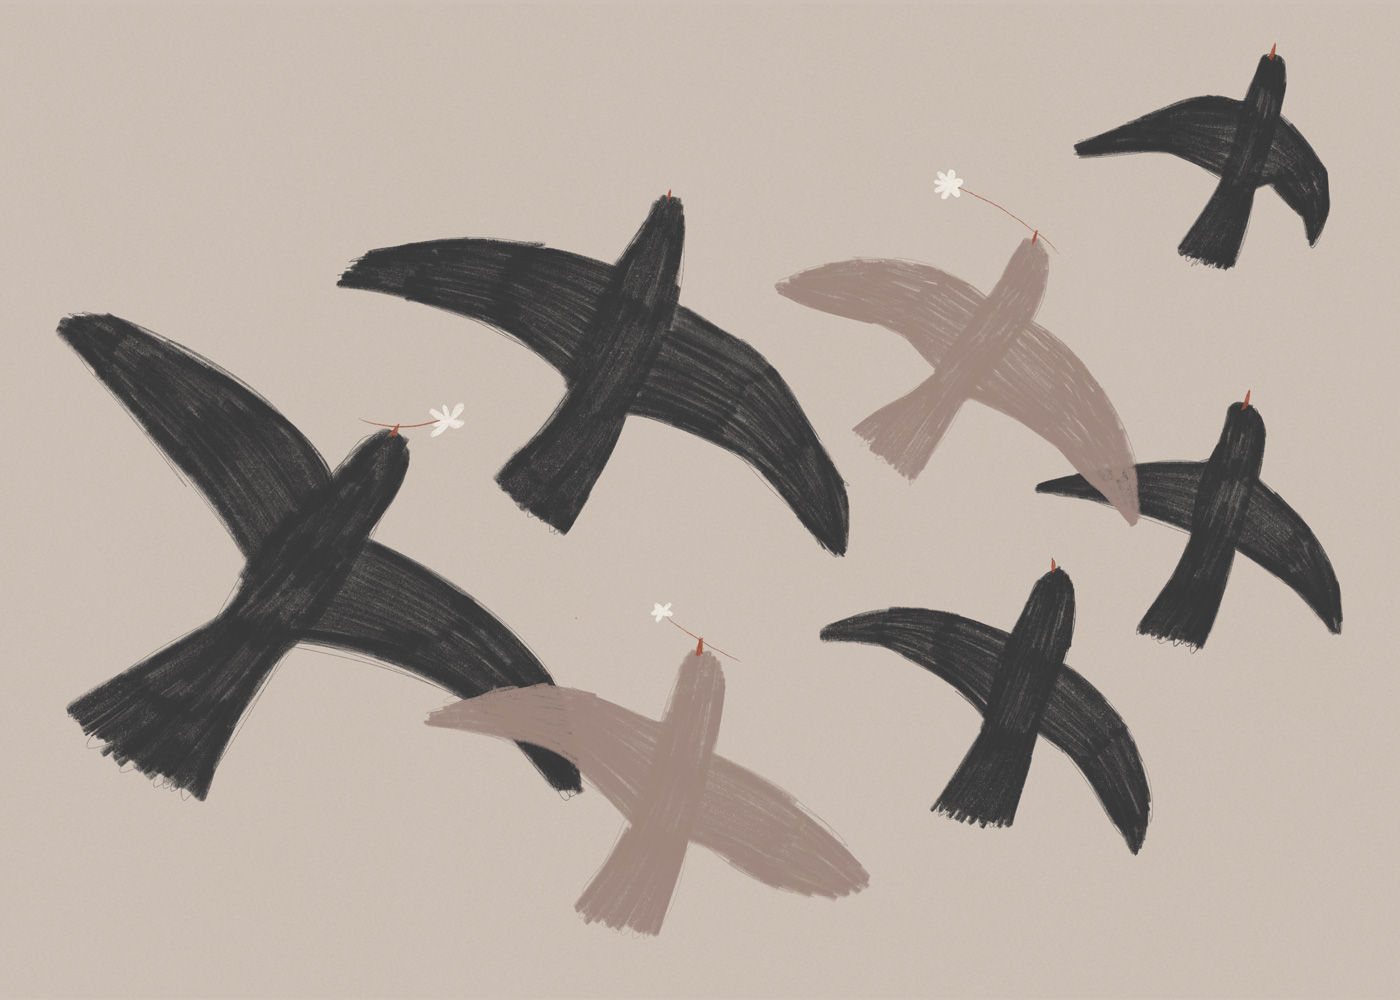 CarolineBergsten_Flyttfåglar